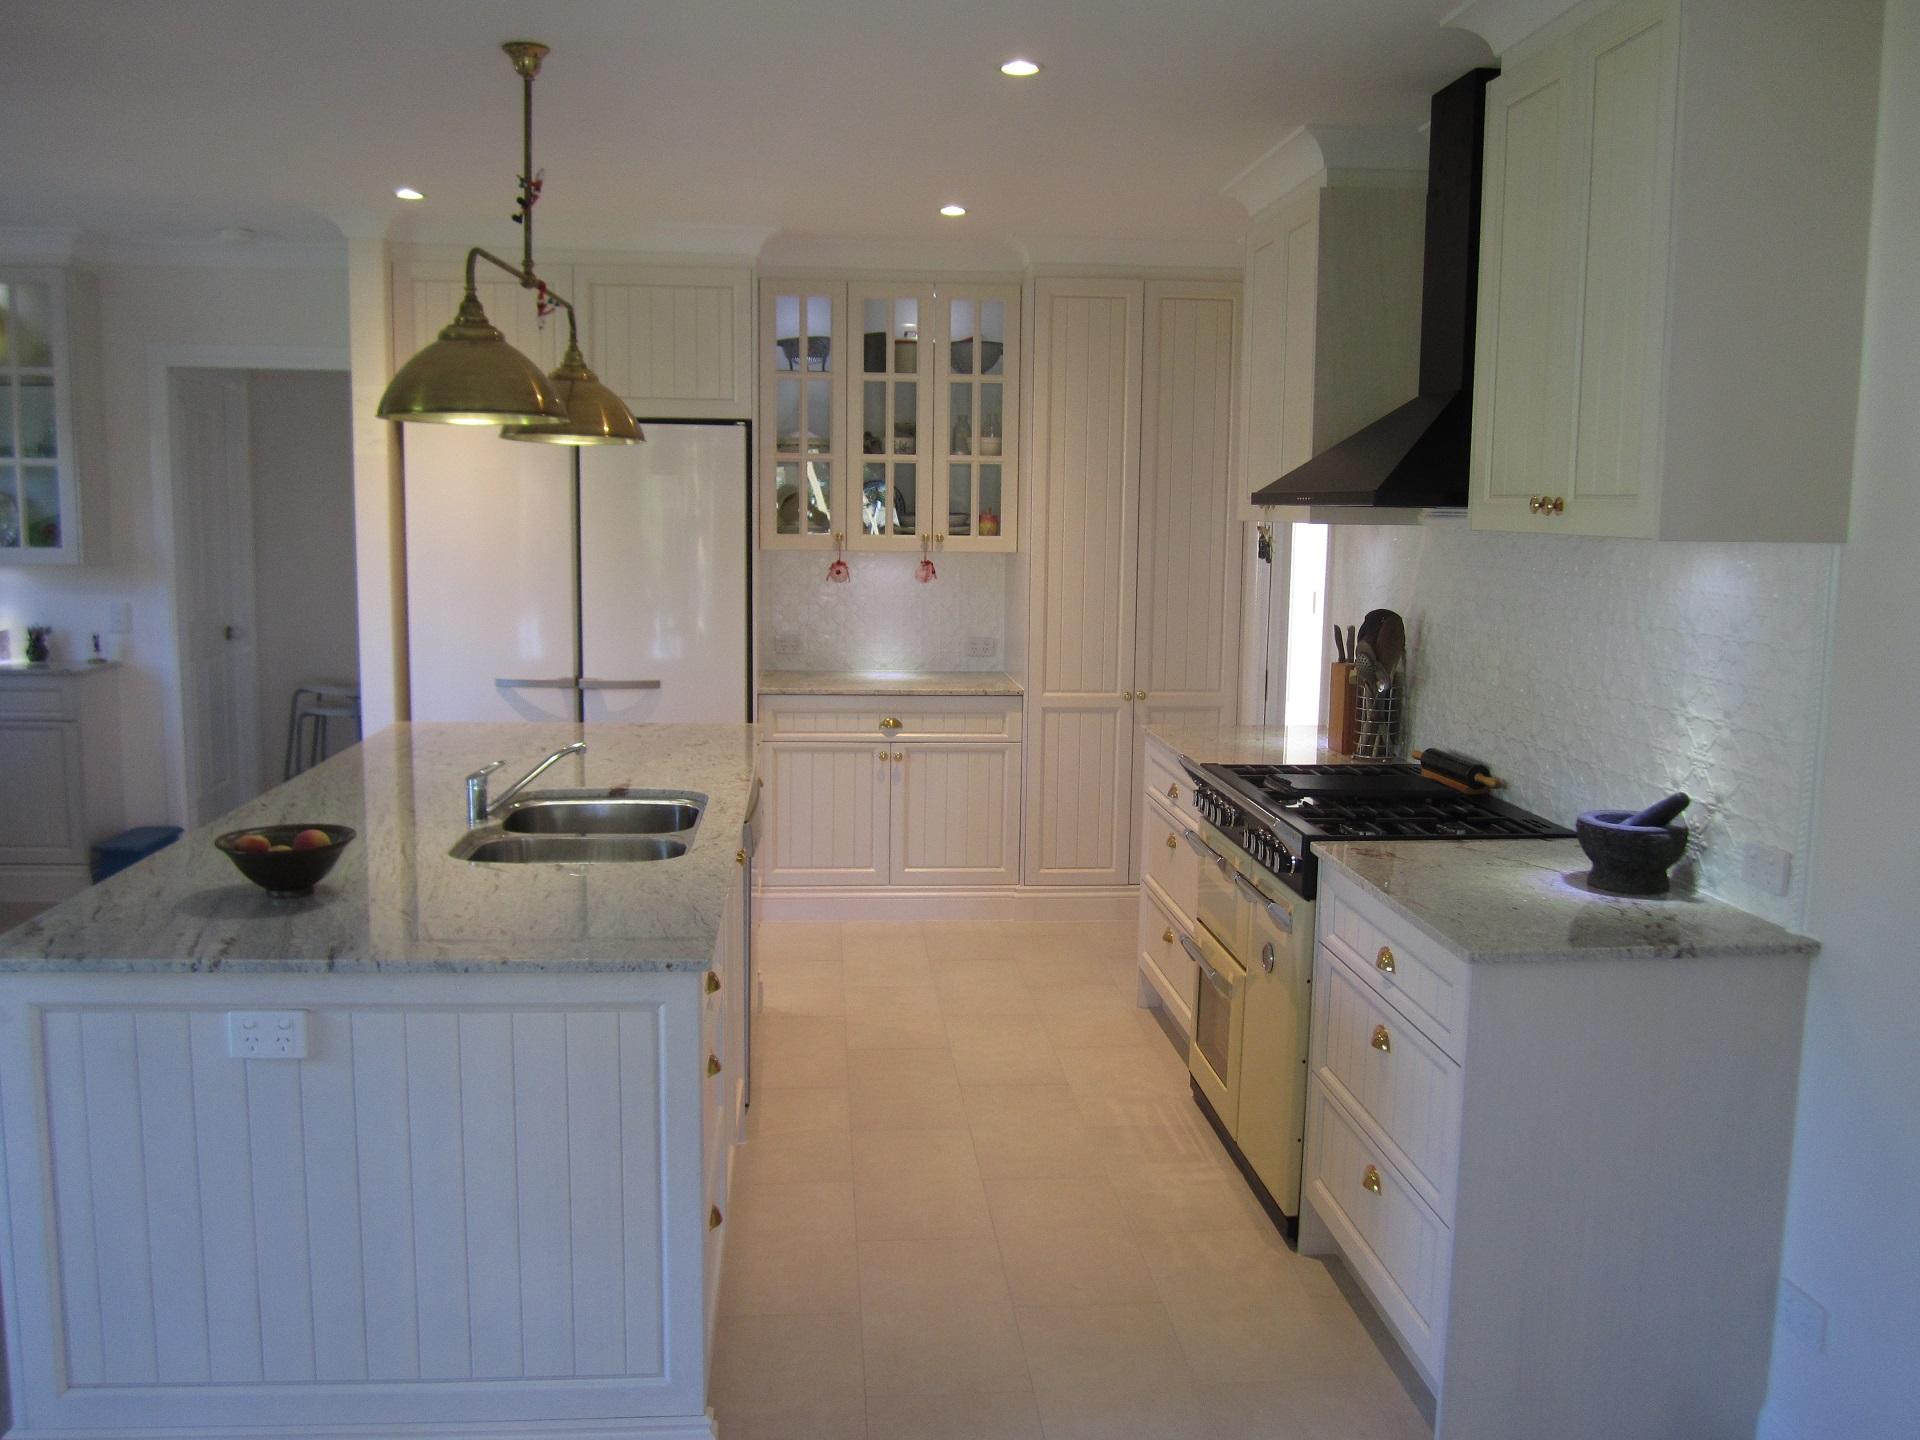 brisbane-kitchen-design-brookfield-shaker-vj-traditional-kitchen1